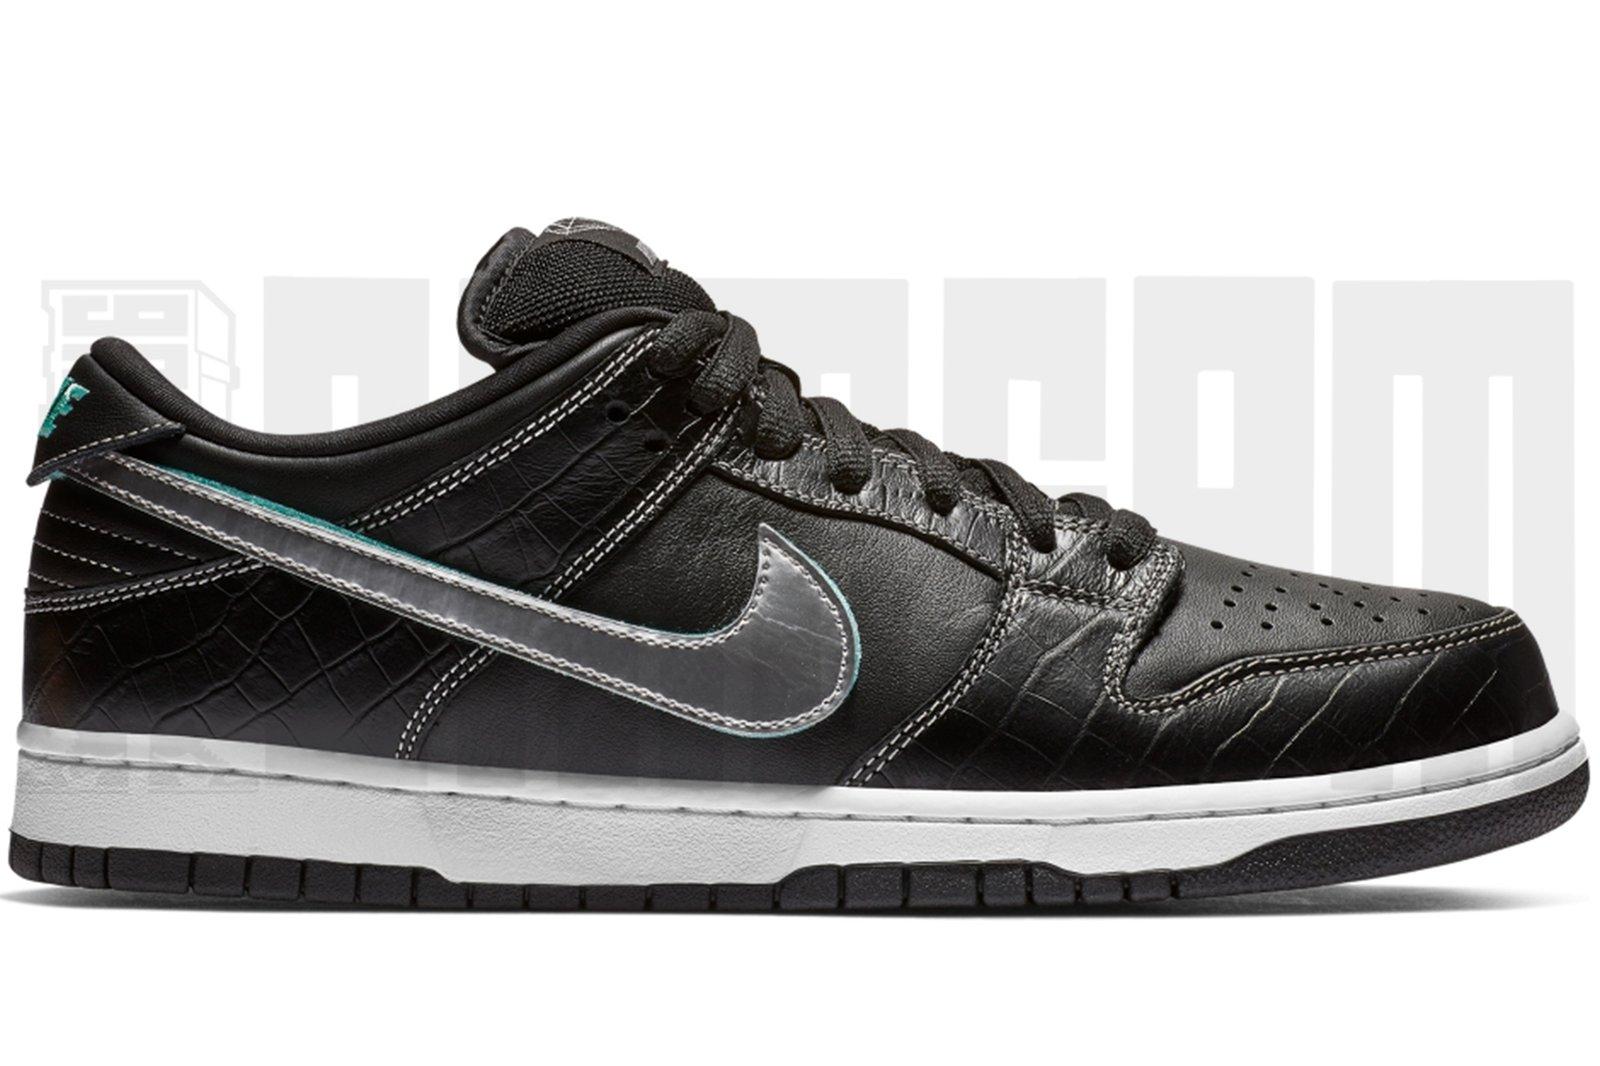 newest 36ecf 0284a Nike SB DUNK LOW PRO OG QS